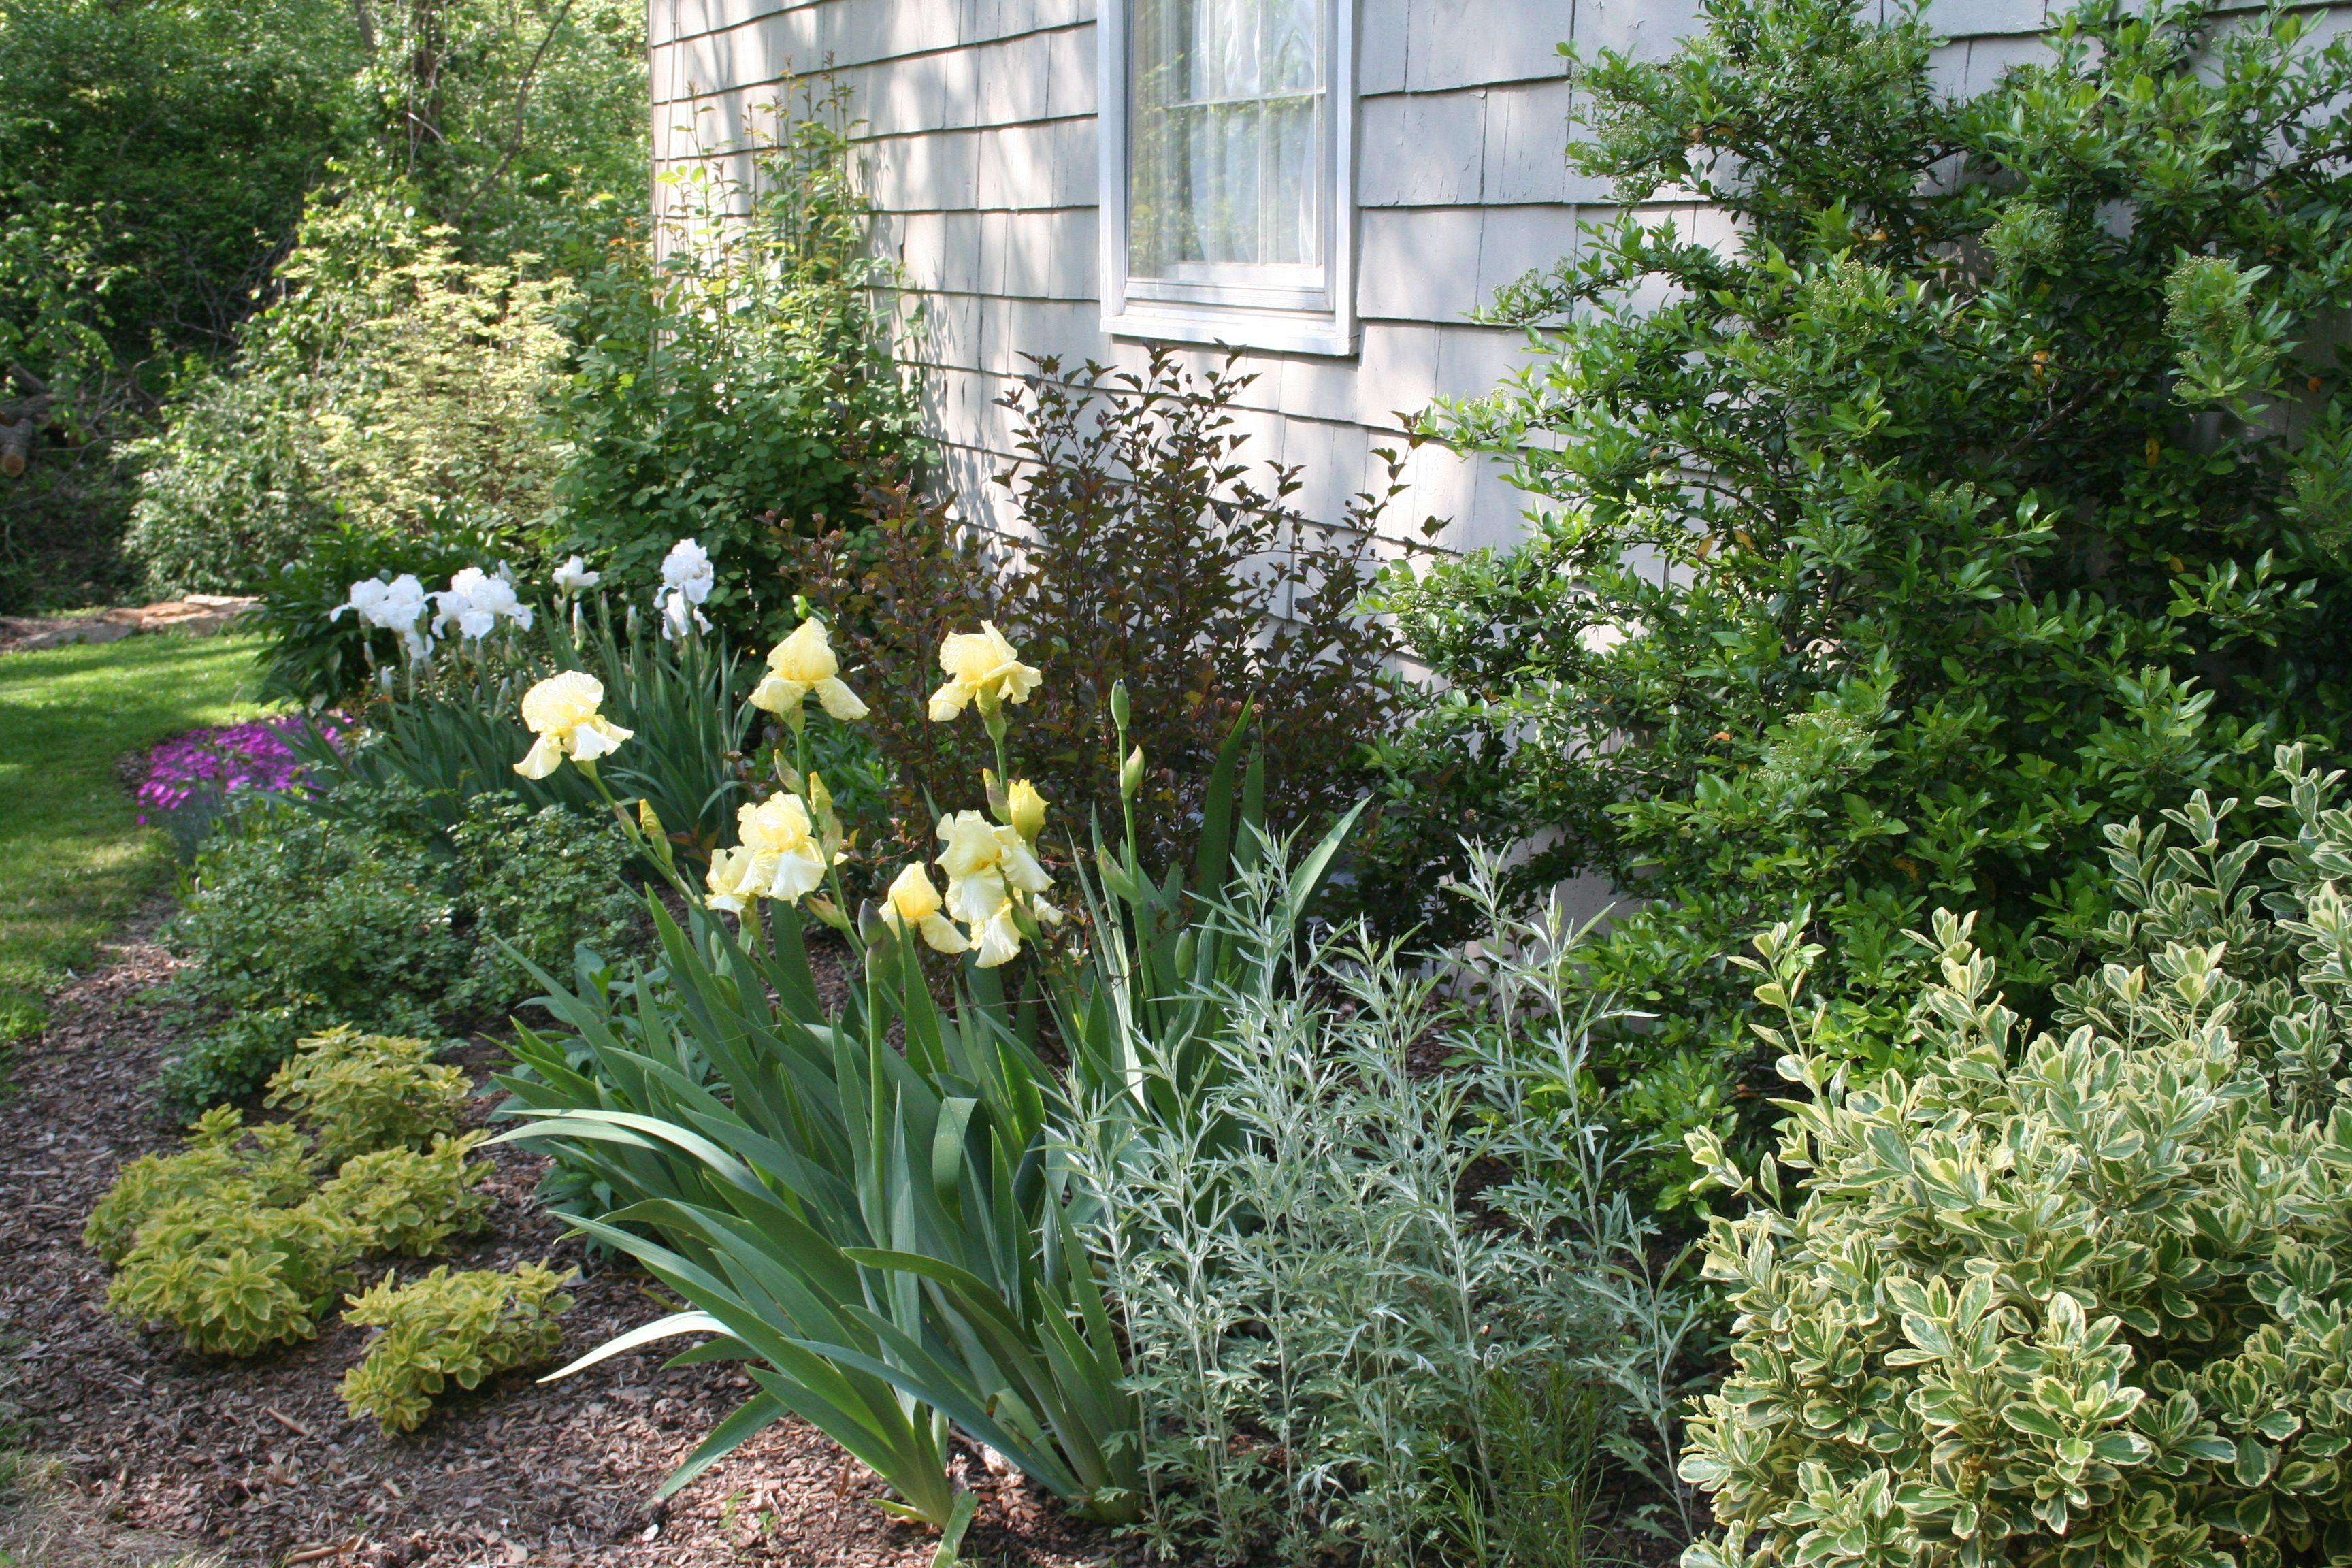 Million Designs perennial garden with yellow and white iris